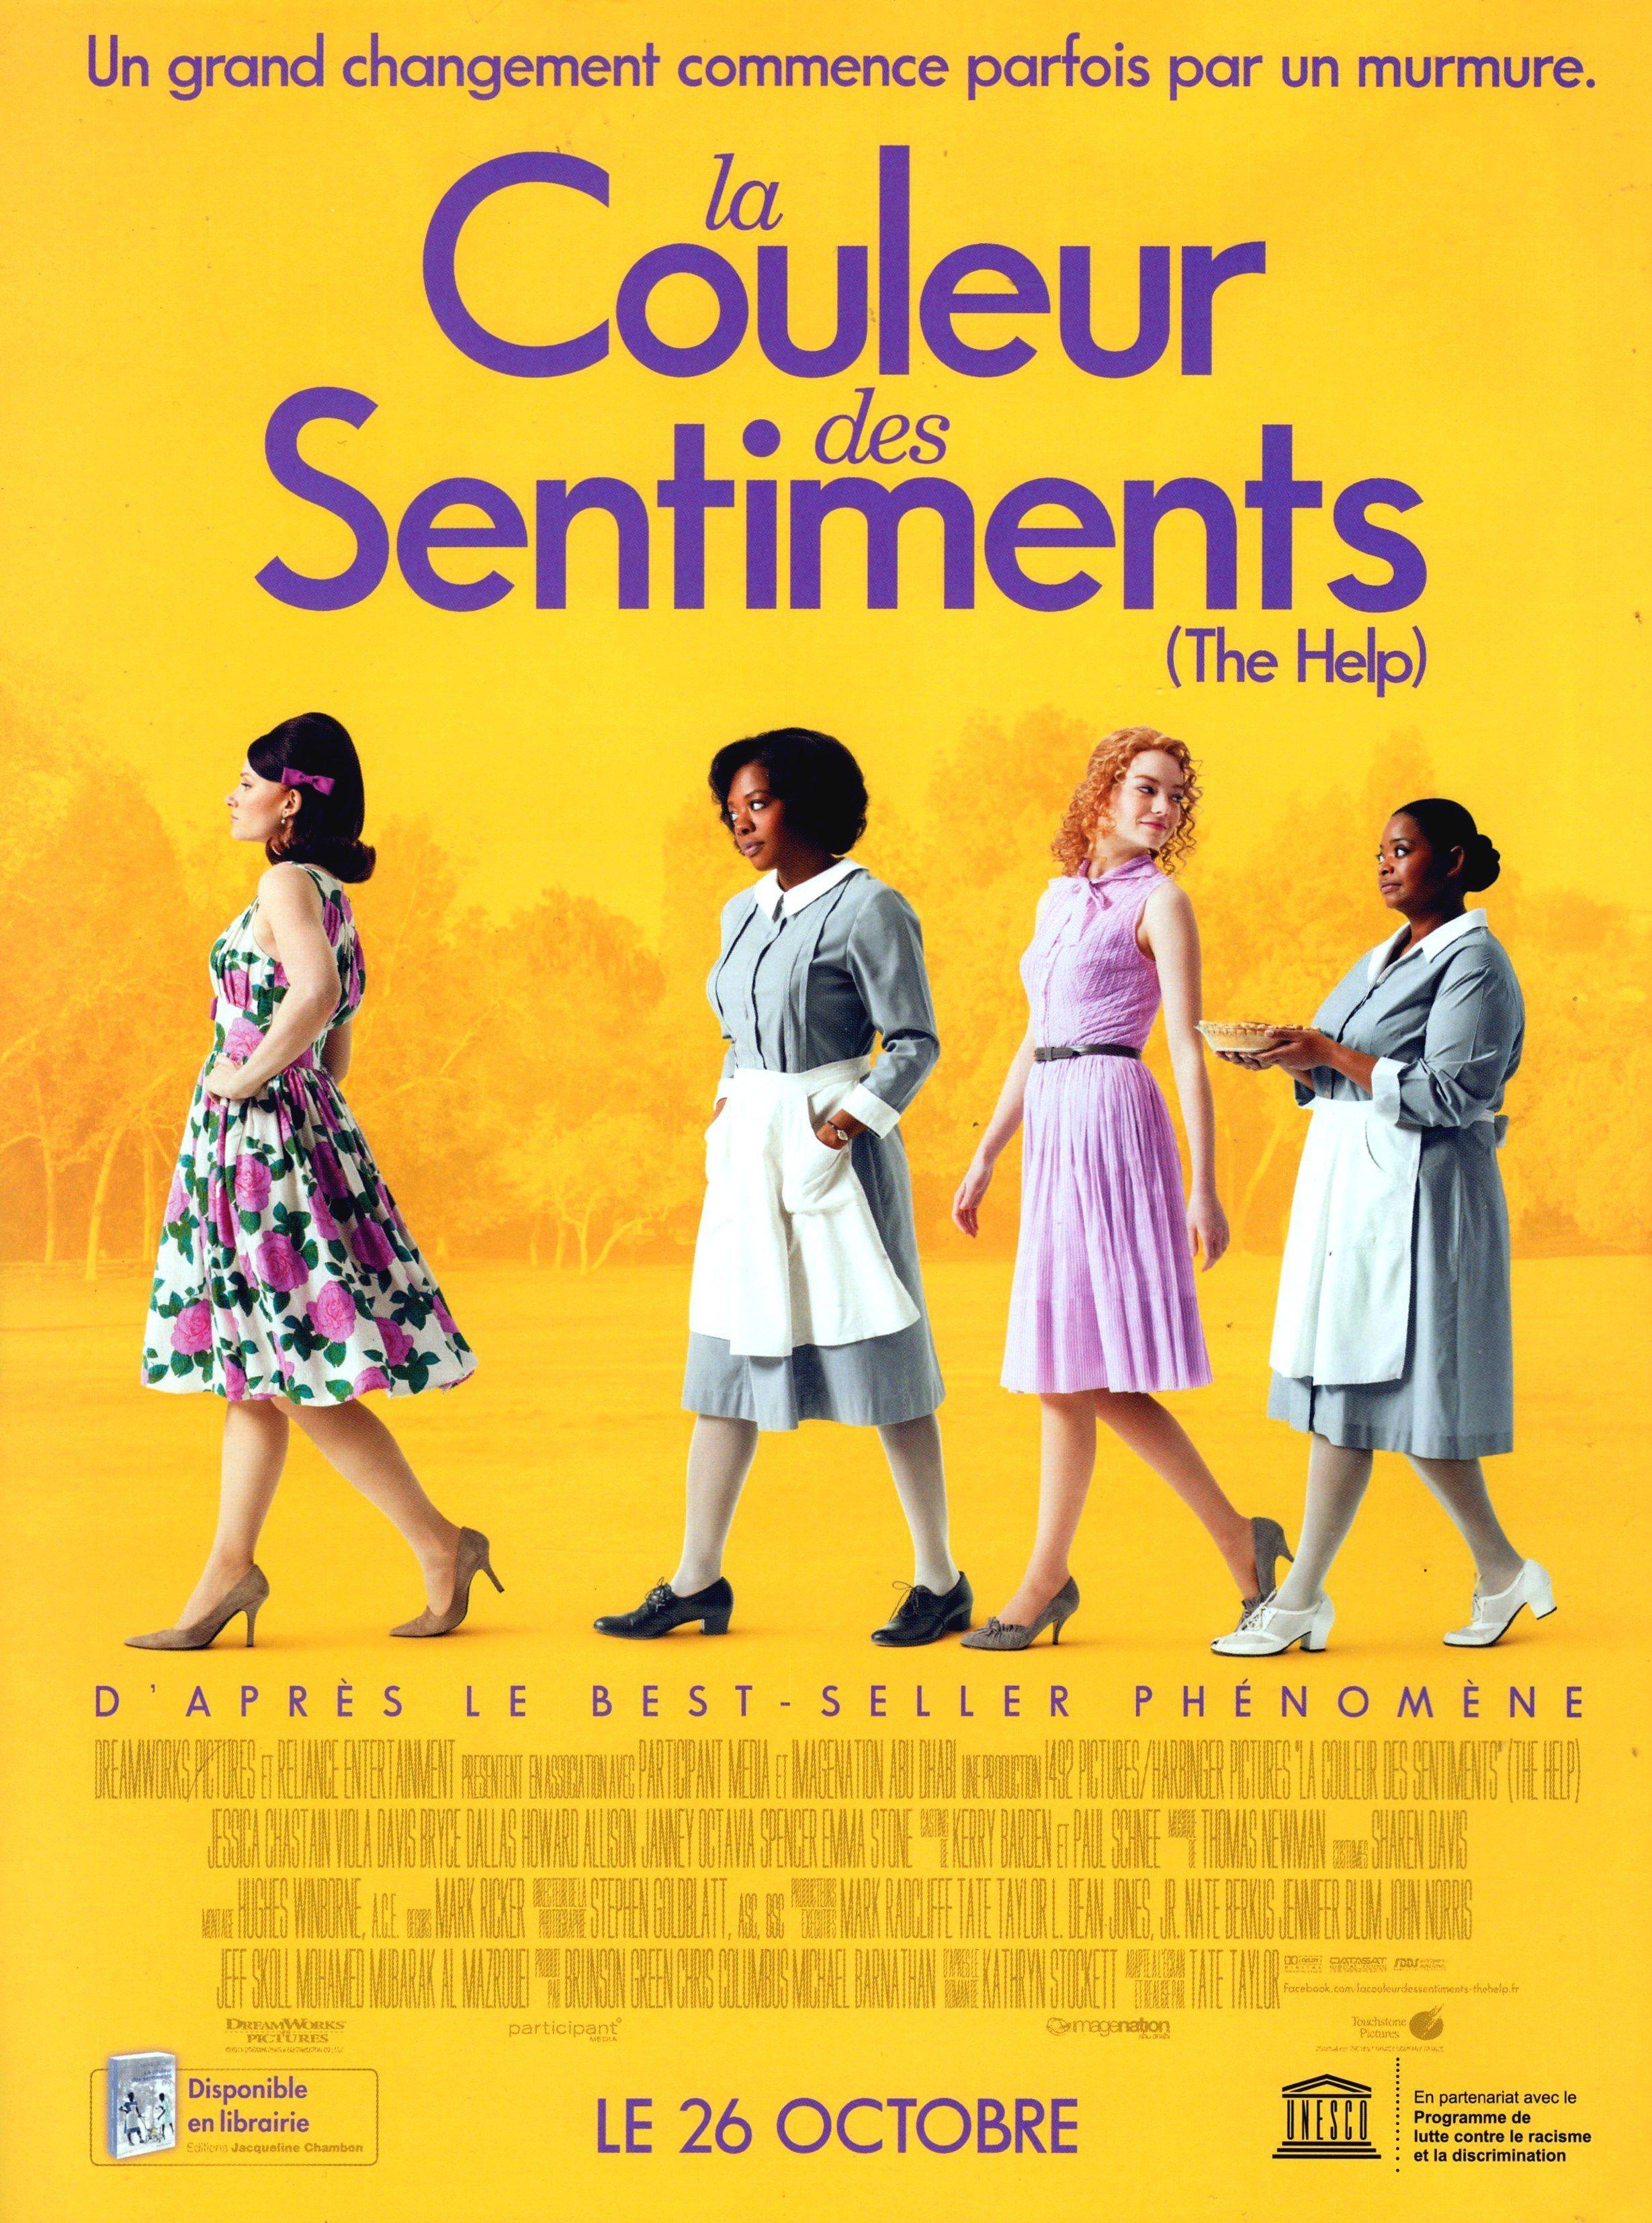 Affiche poster La couleur des sentiments the help Disney Touchstone pictures